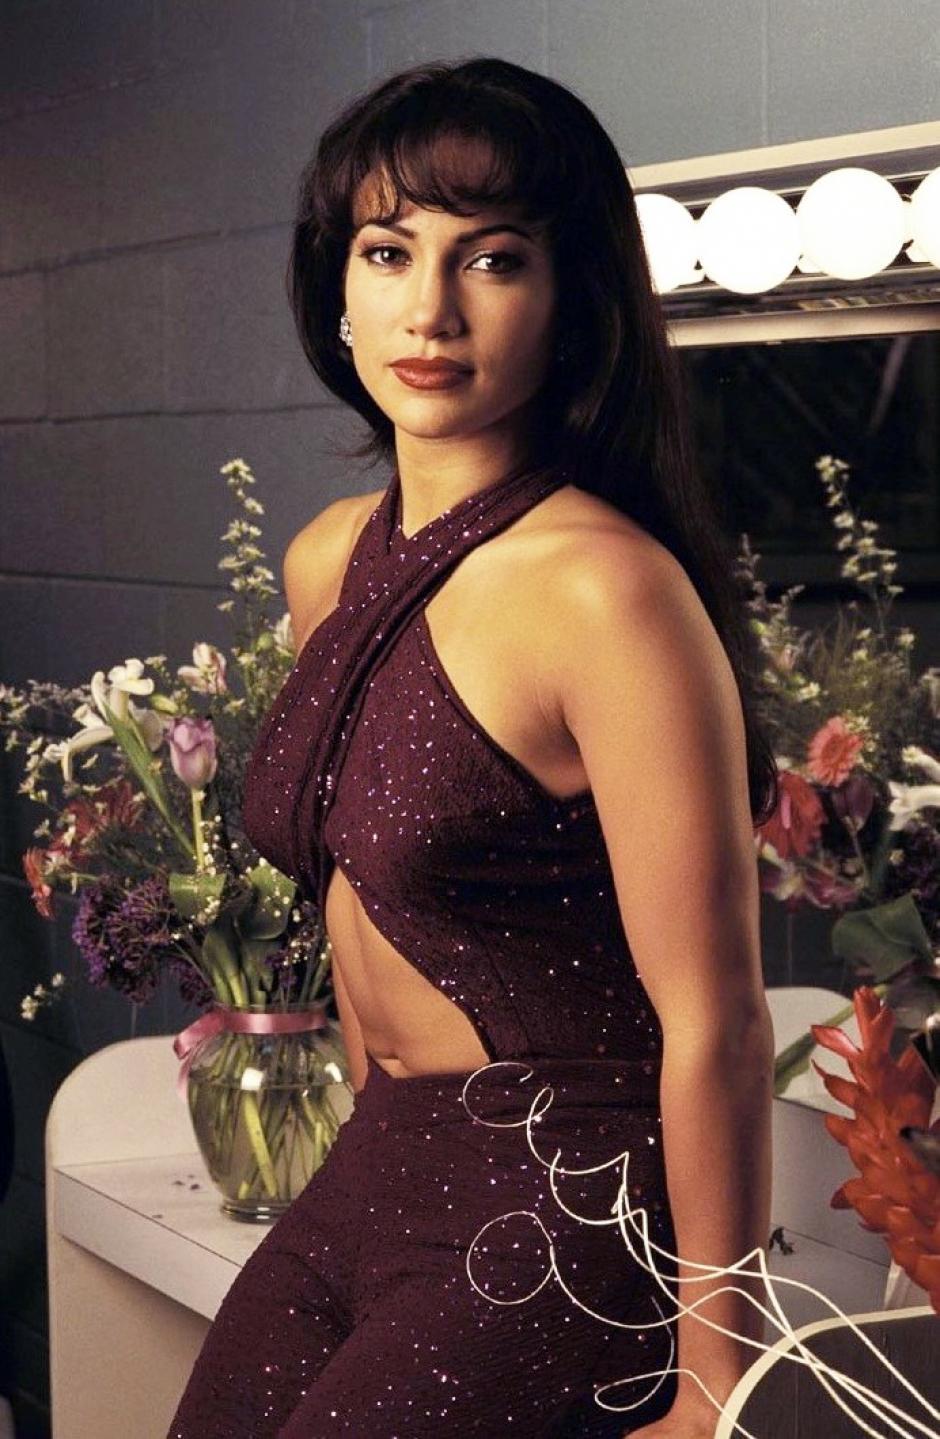 Lopez confesó que se identificó mucho con Selena. (Foto: Billboard)